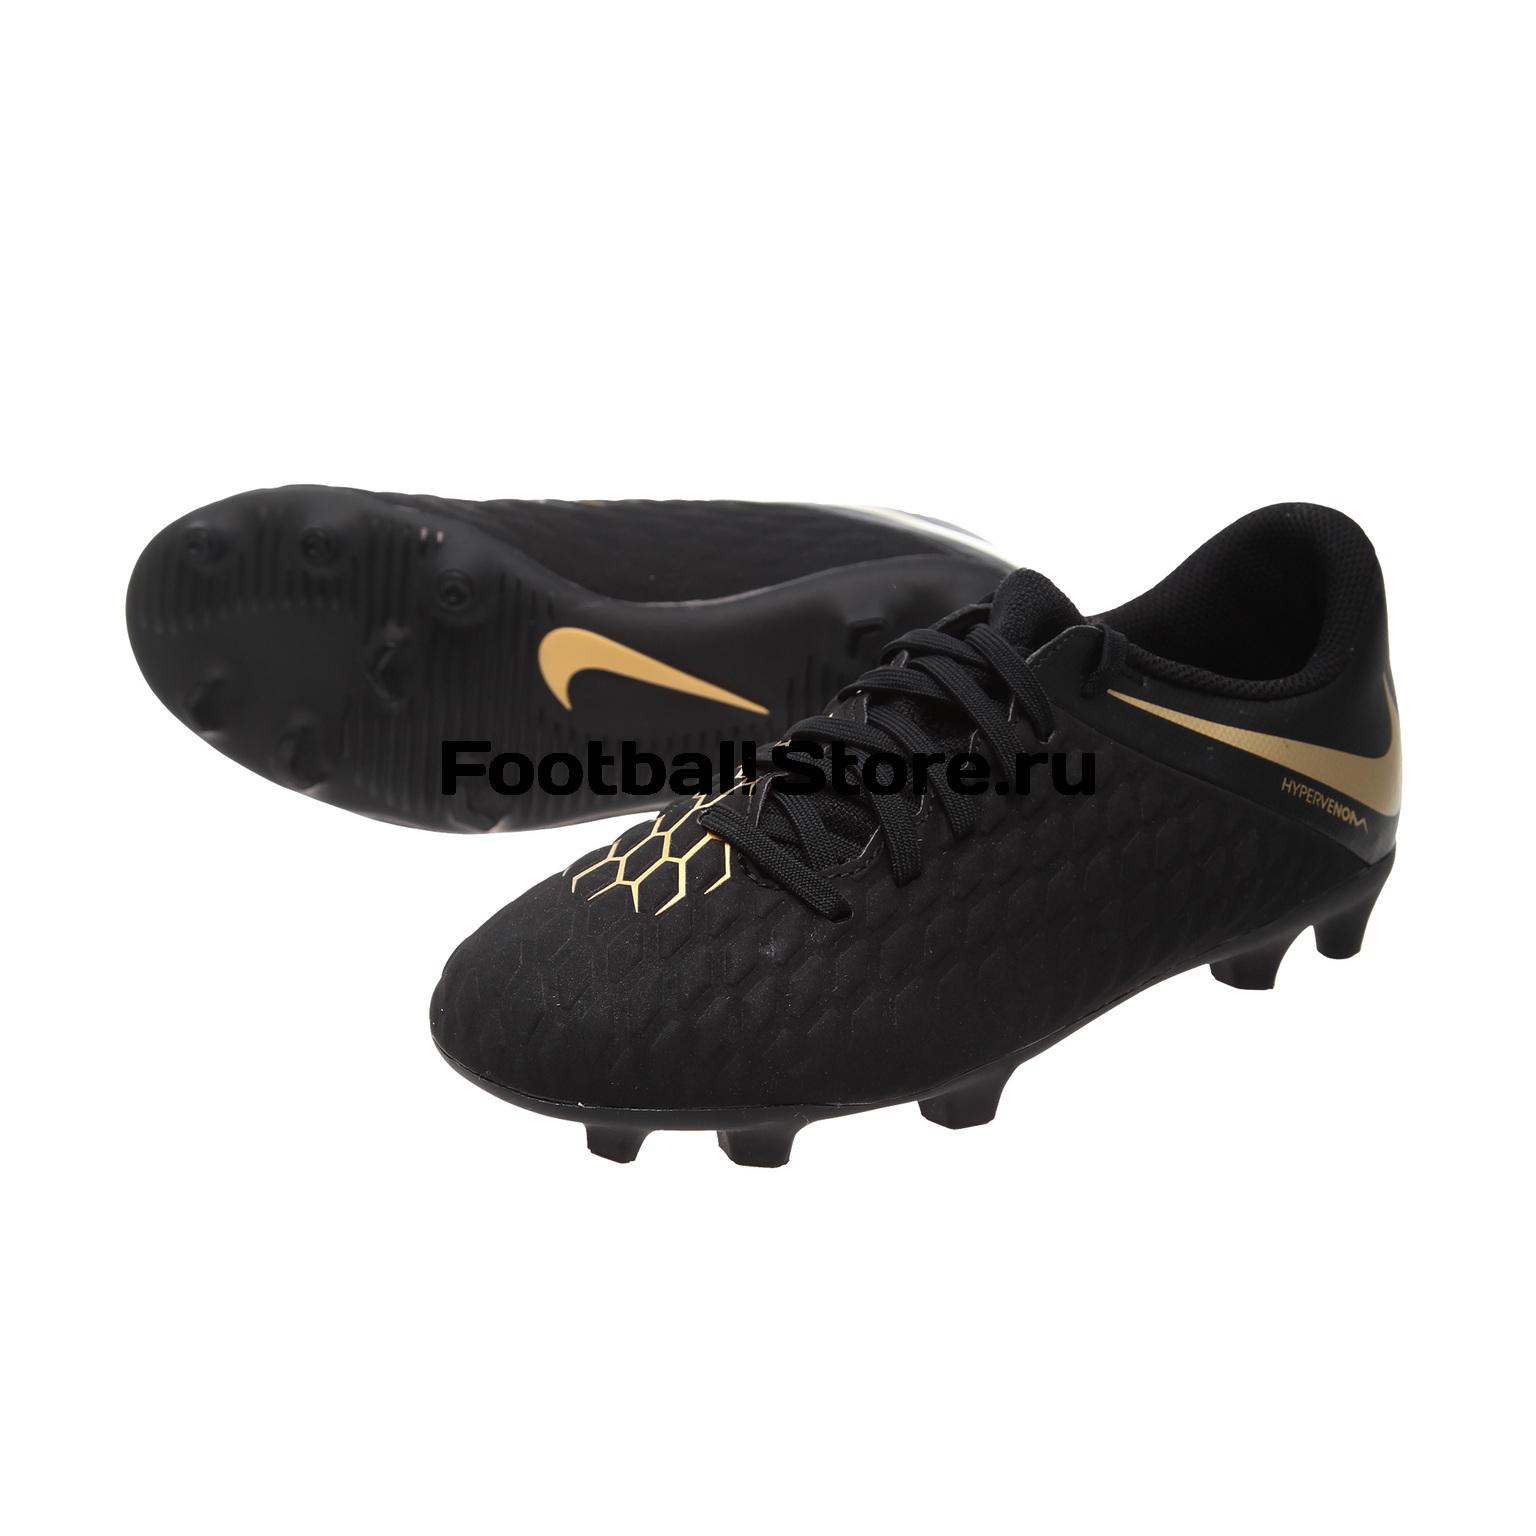 Бутсы детские Nike Hypervenom 3 Club FG AJ4146-090 – купить в ... 53fdca375ab